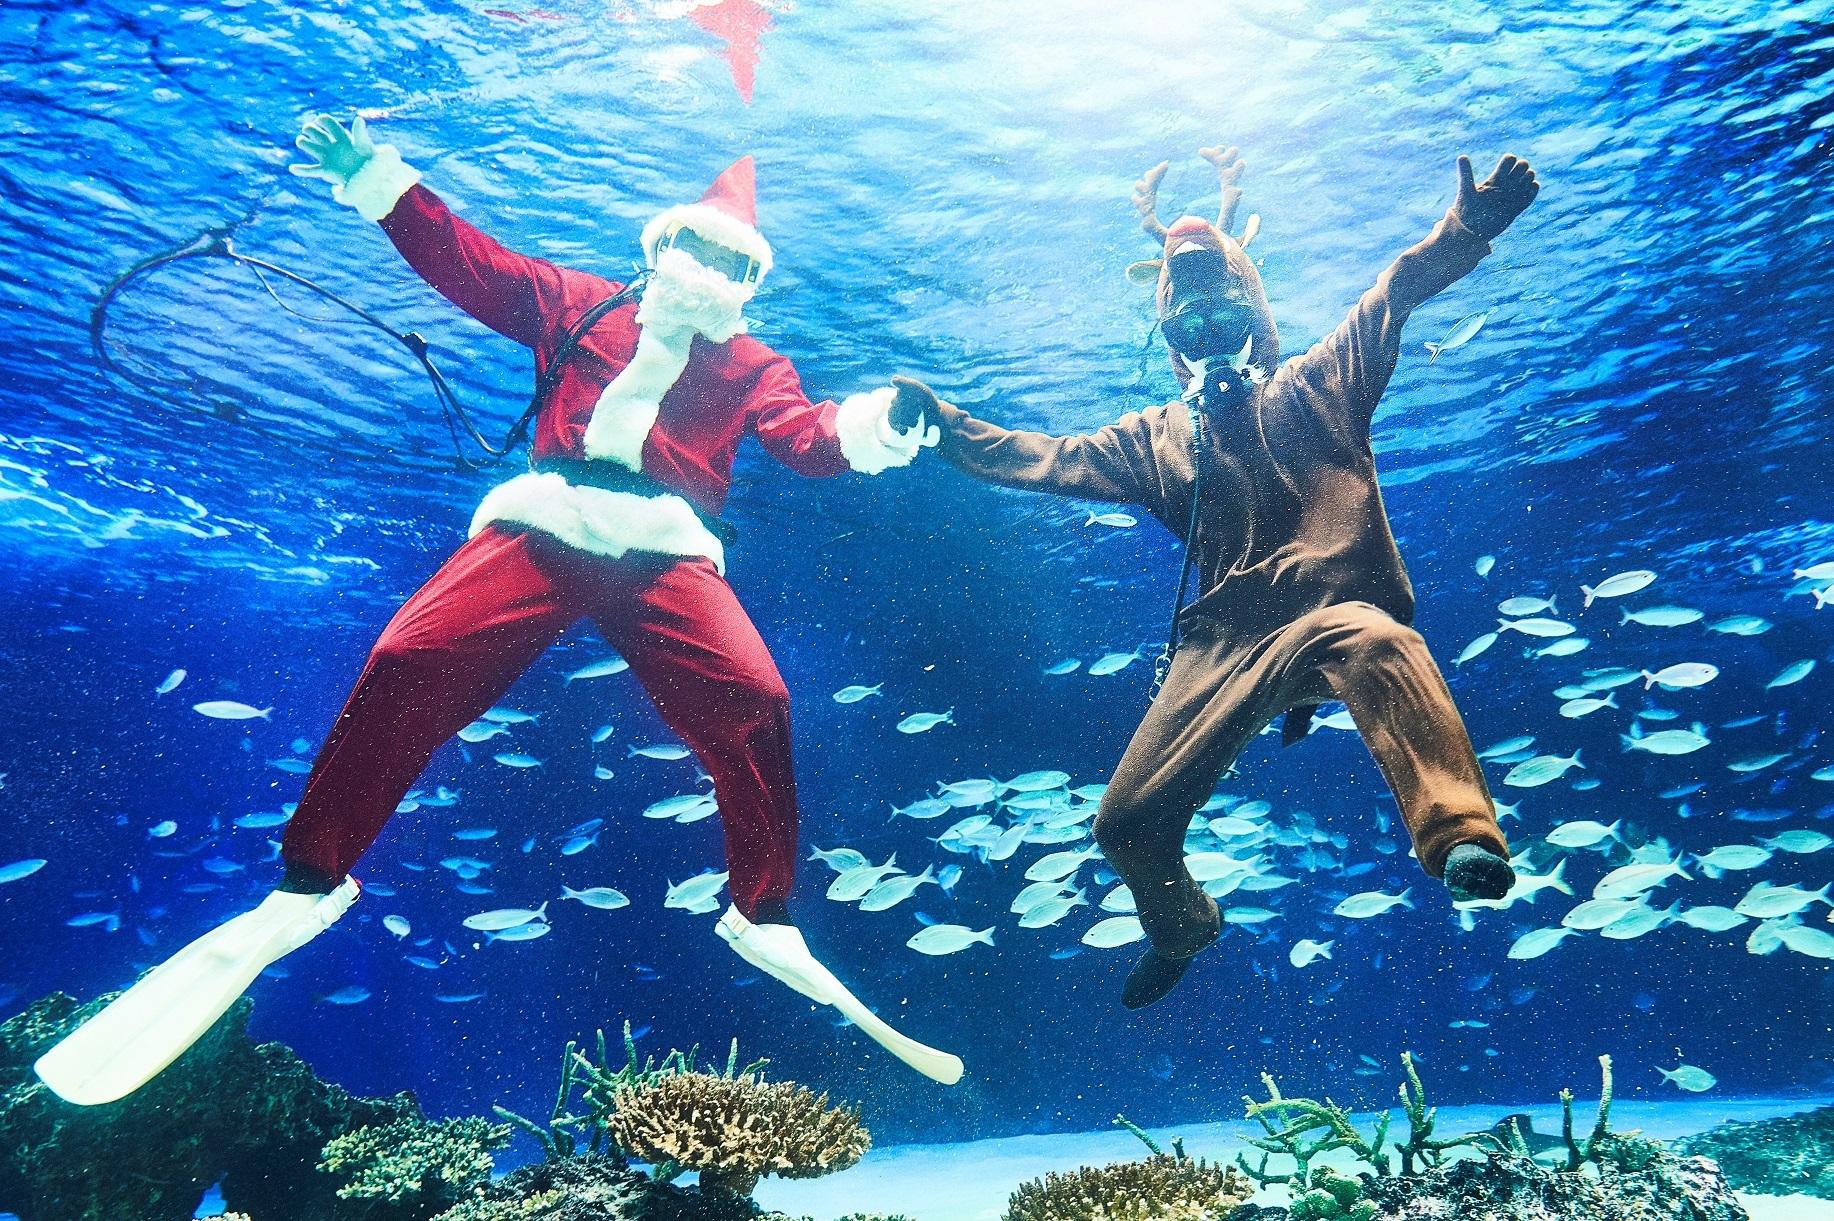 水中パフォーマンスタイムはクリスマスバージョンで、大水槽「サンシャインラグーン」でサンタとトナカイが登場。